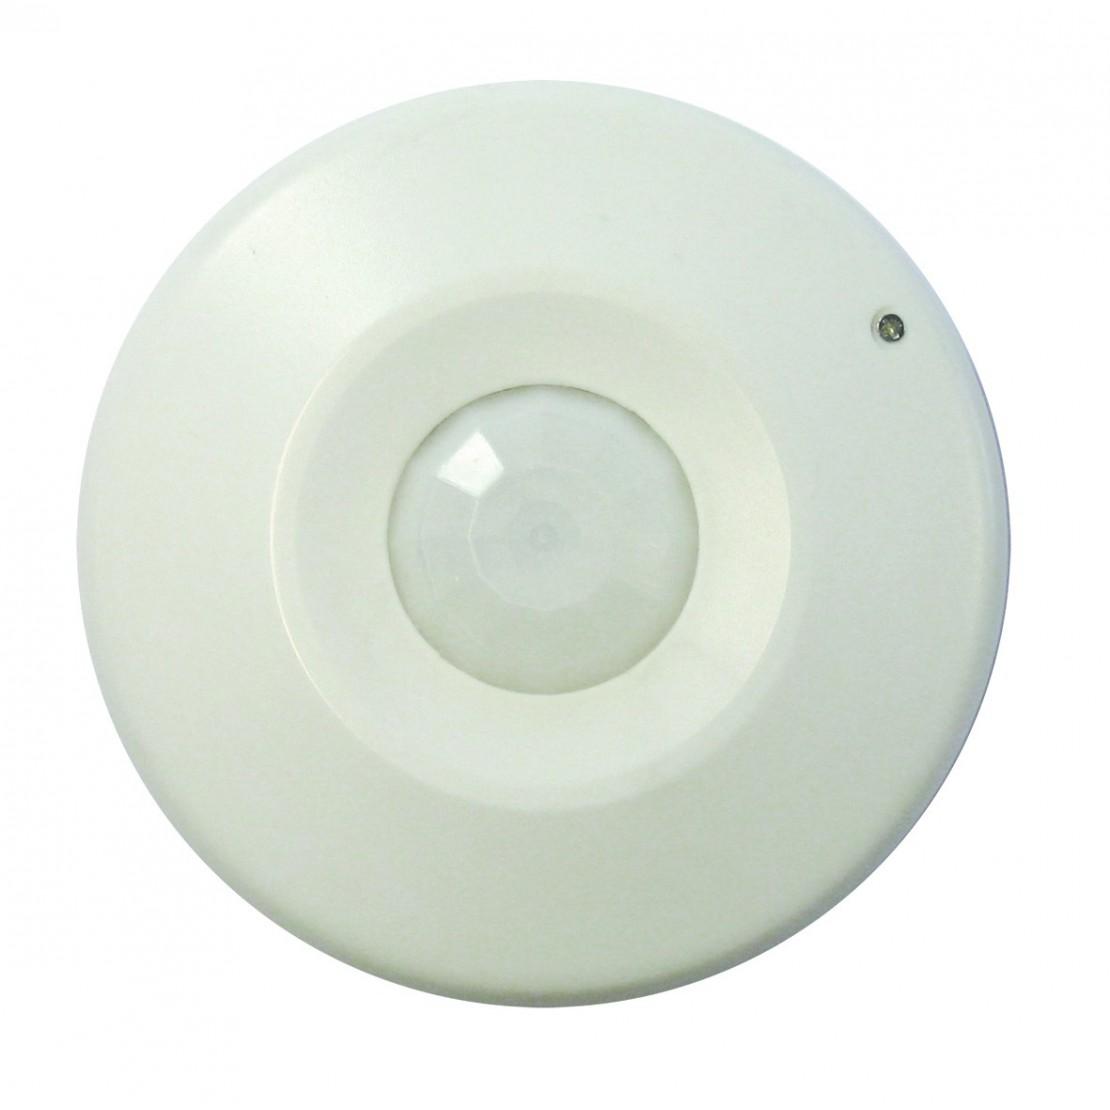 Detector de movimento de tecto360°- Branco